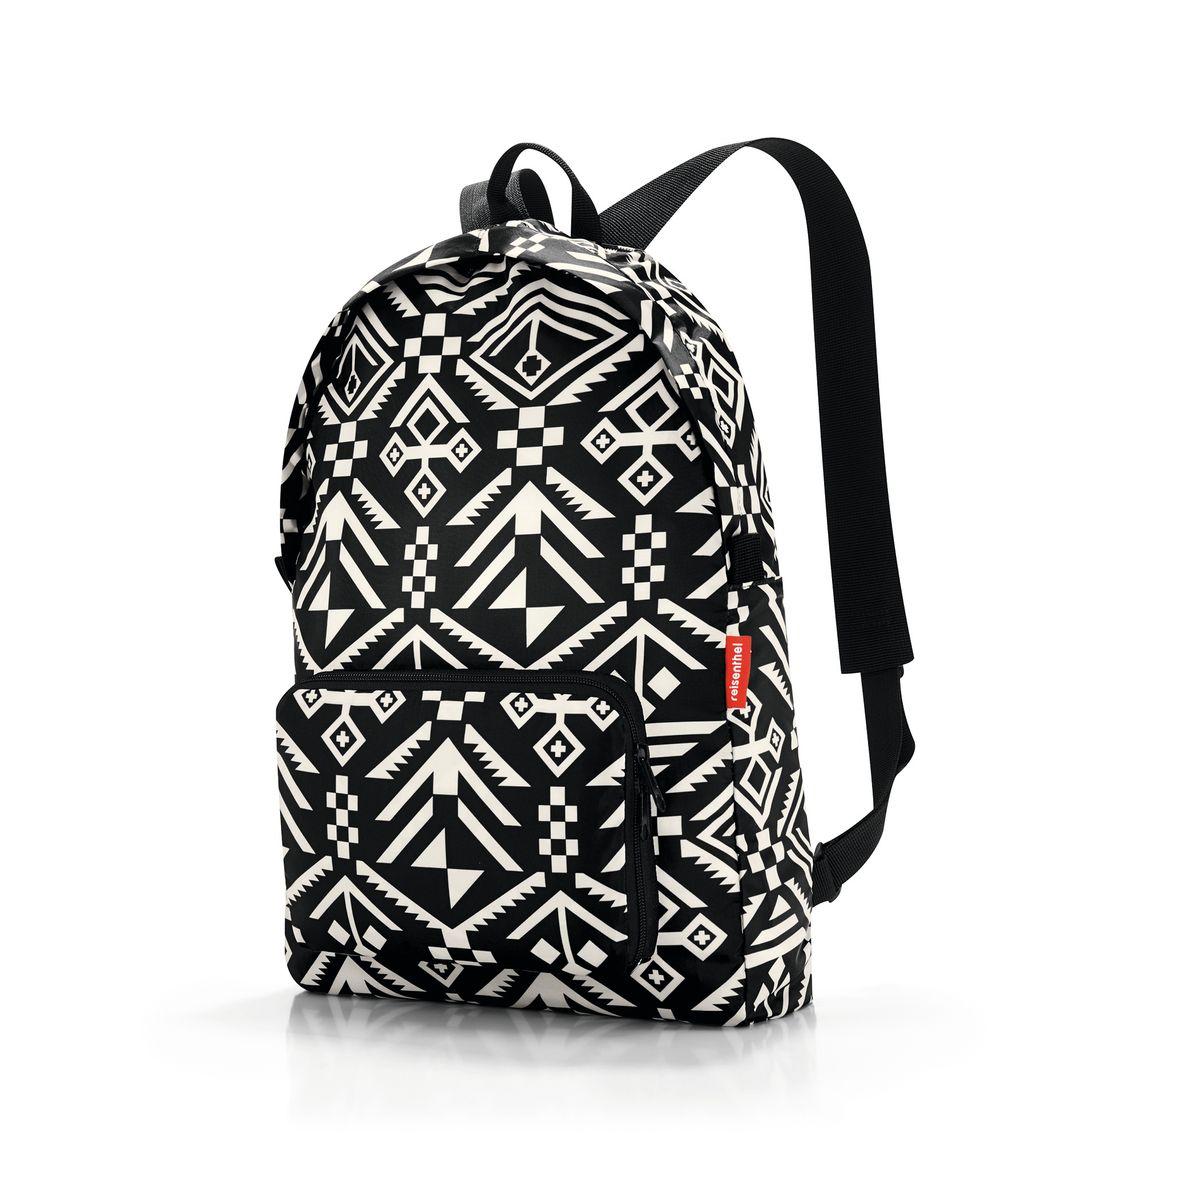 Рюкзак женский Reisenthel, складной, цвет: черный, слоновая кость. AP7034 ( AP7034 )